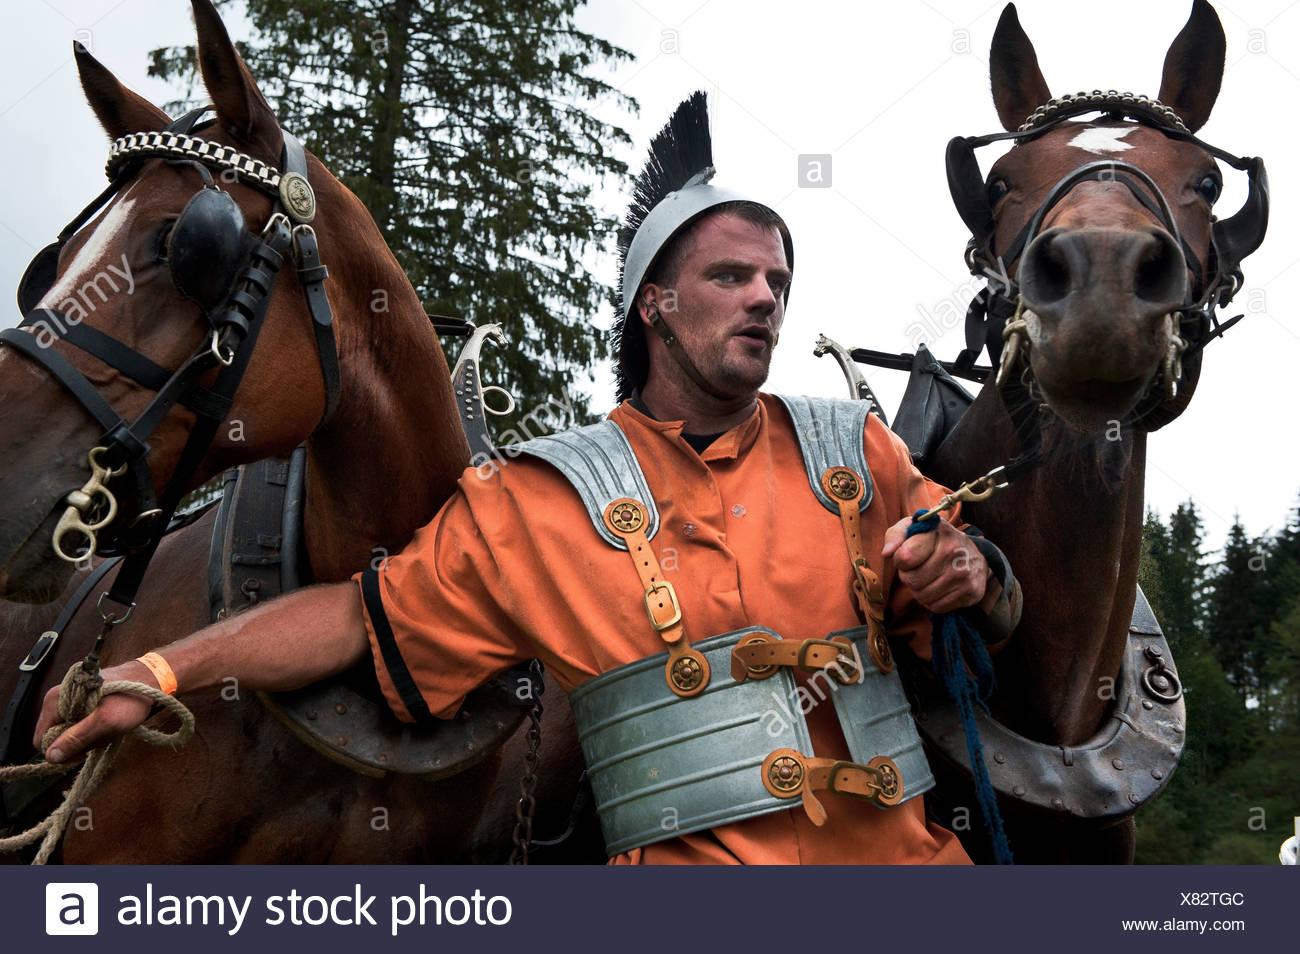 Personalizzato, tradizioni, costumi, Franche montagne, Auriga, gladiator, romana, cavalli, cavallo di razza, Saignelégier, Svizzera, cha Immagini Stock